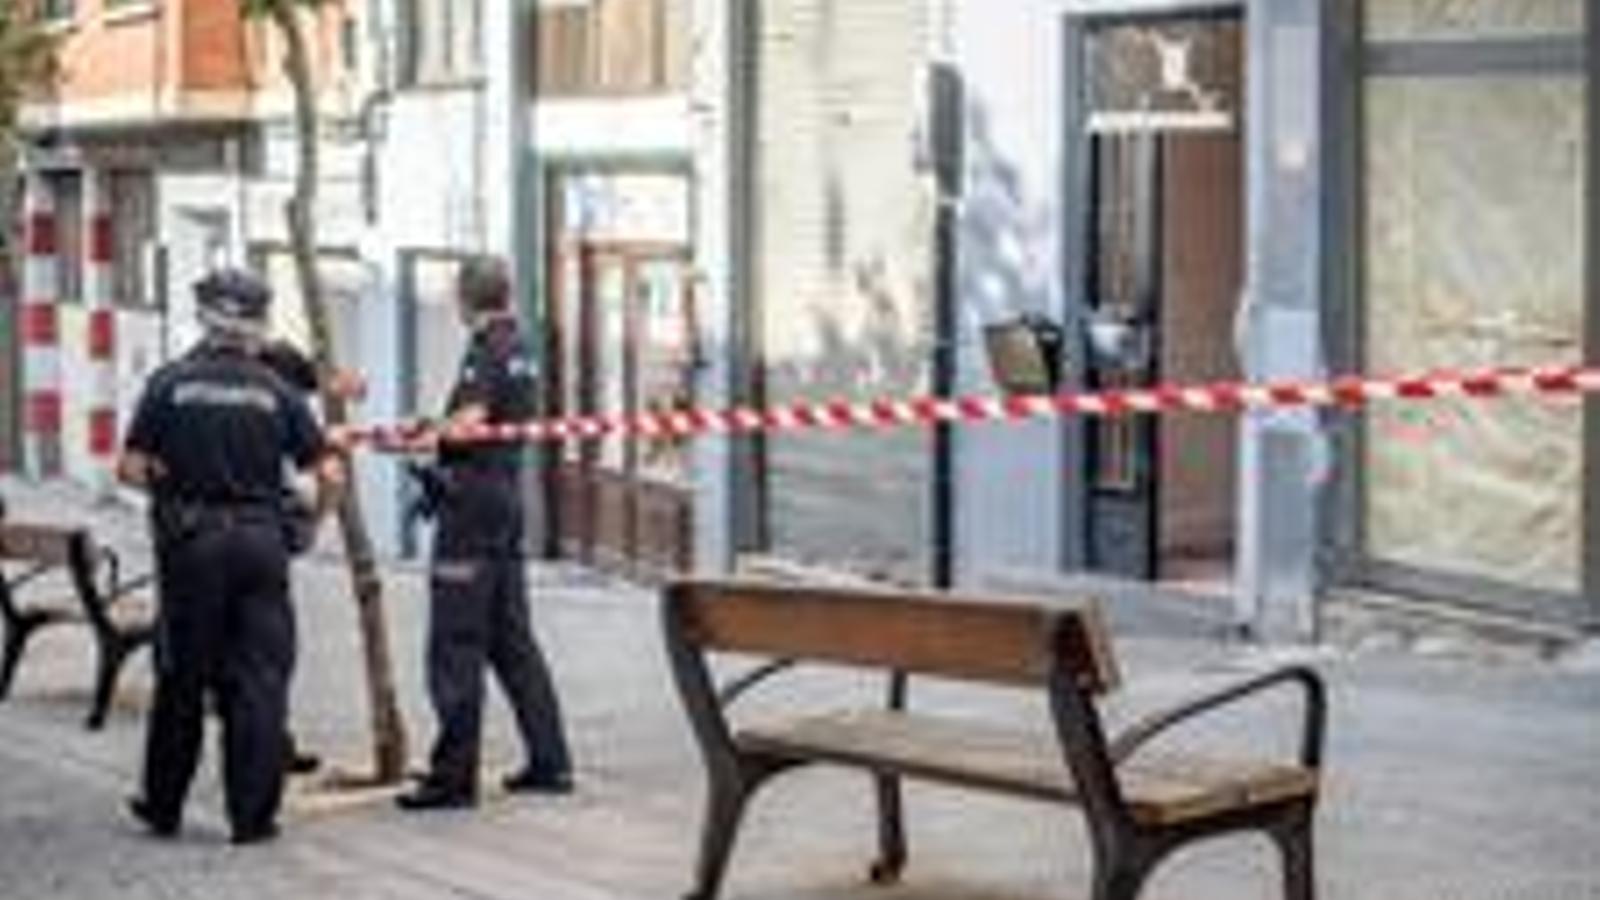 Maten una dona a Bilbao en un possible nou cas de violència masclista